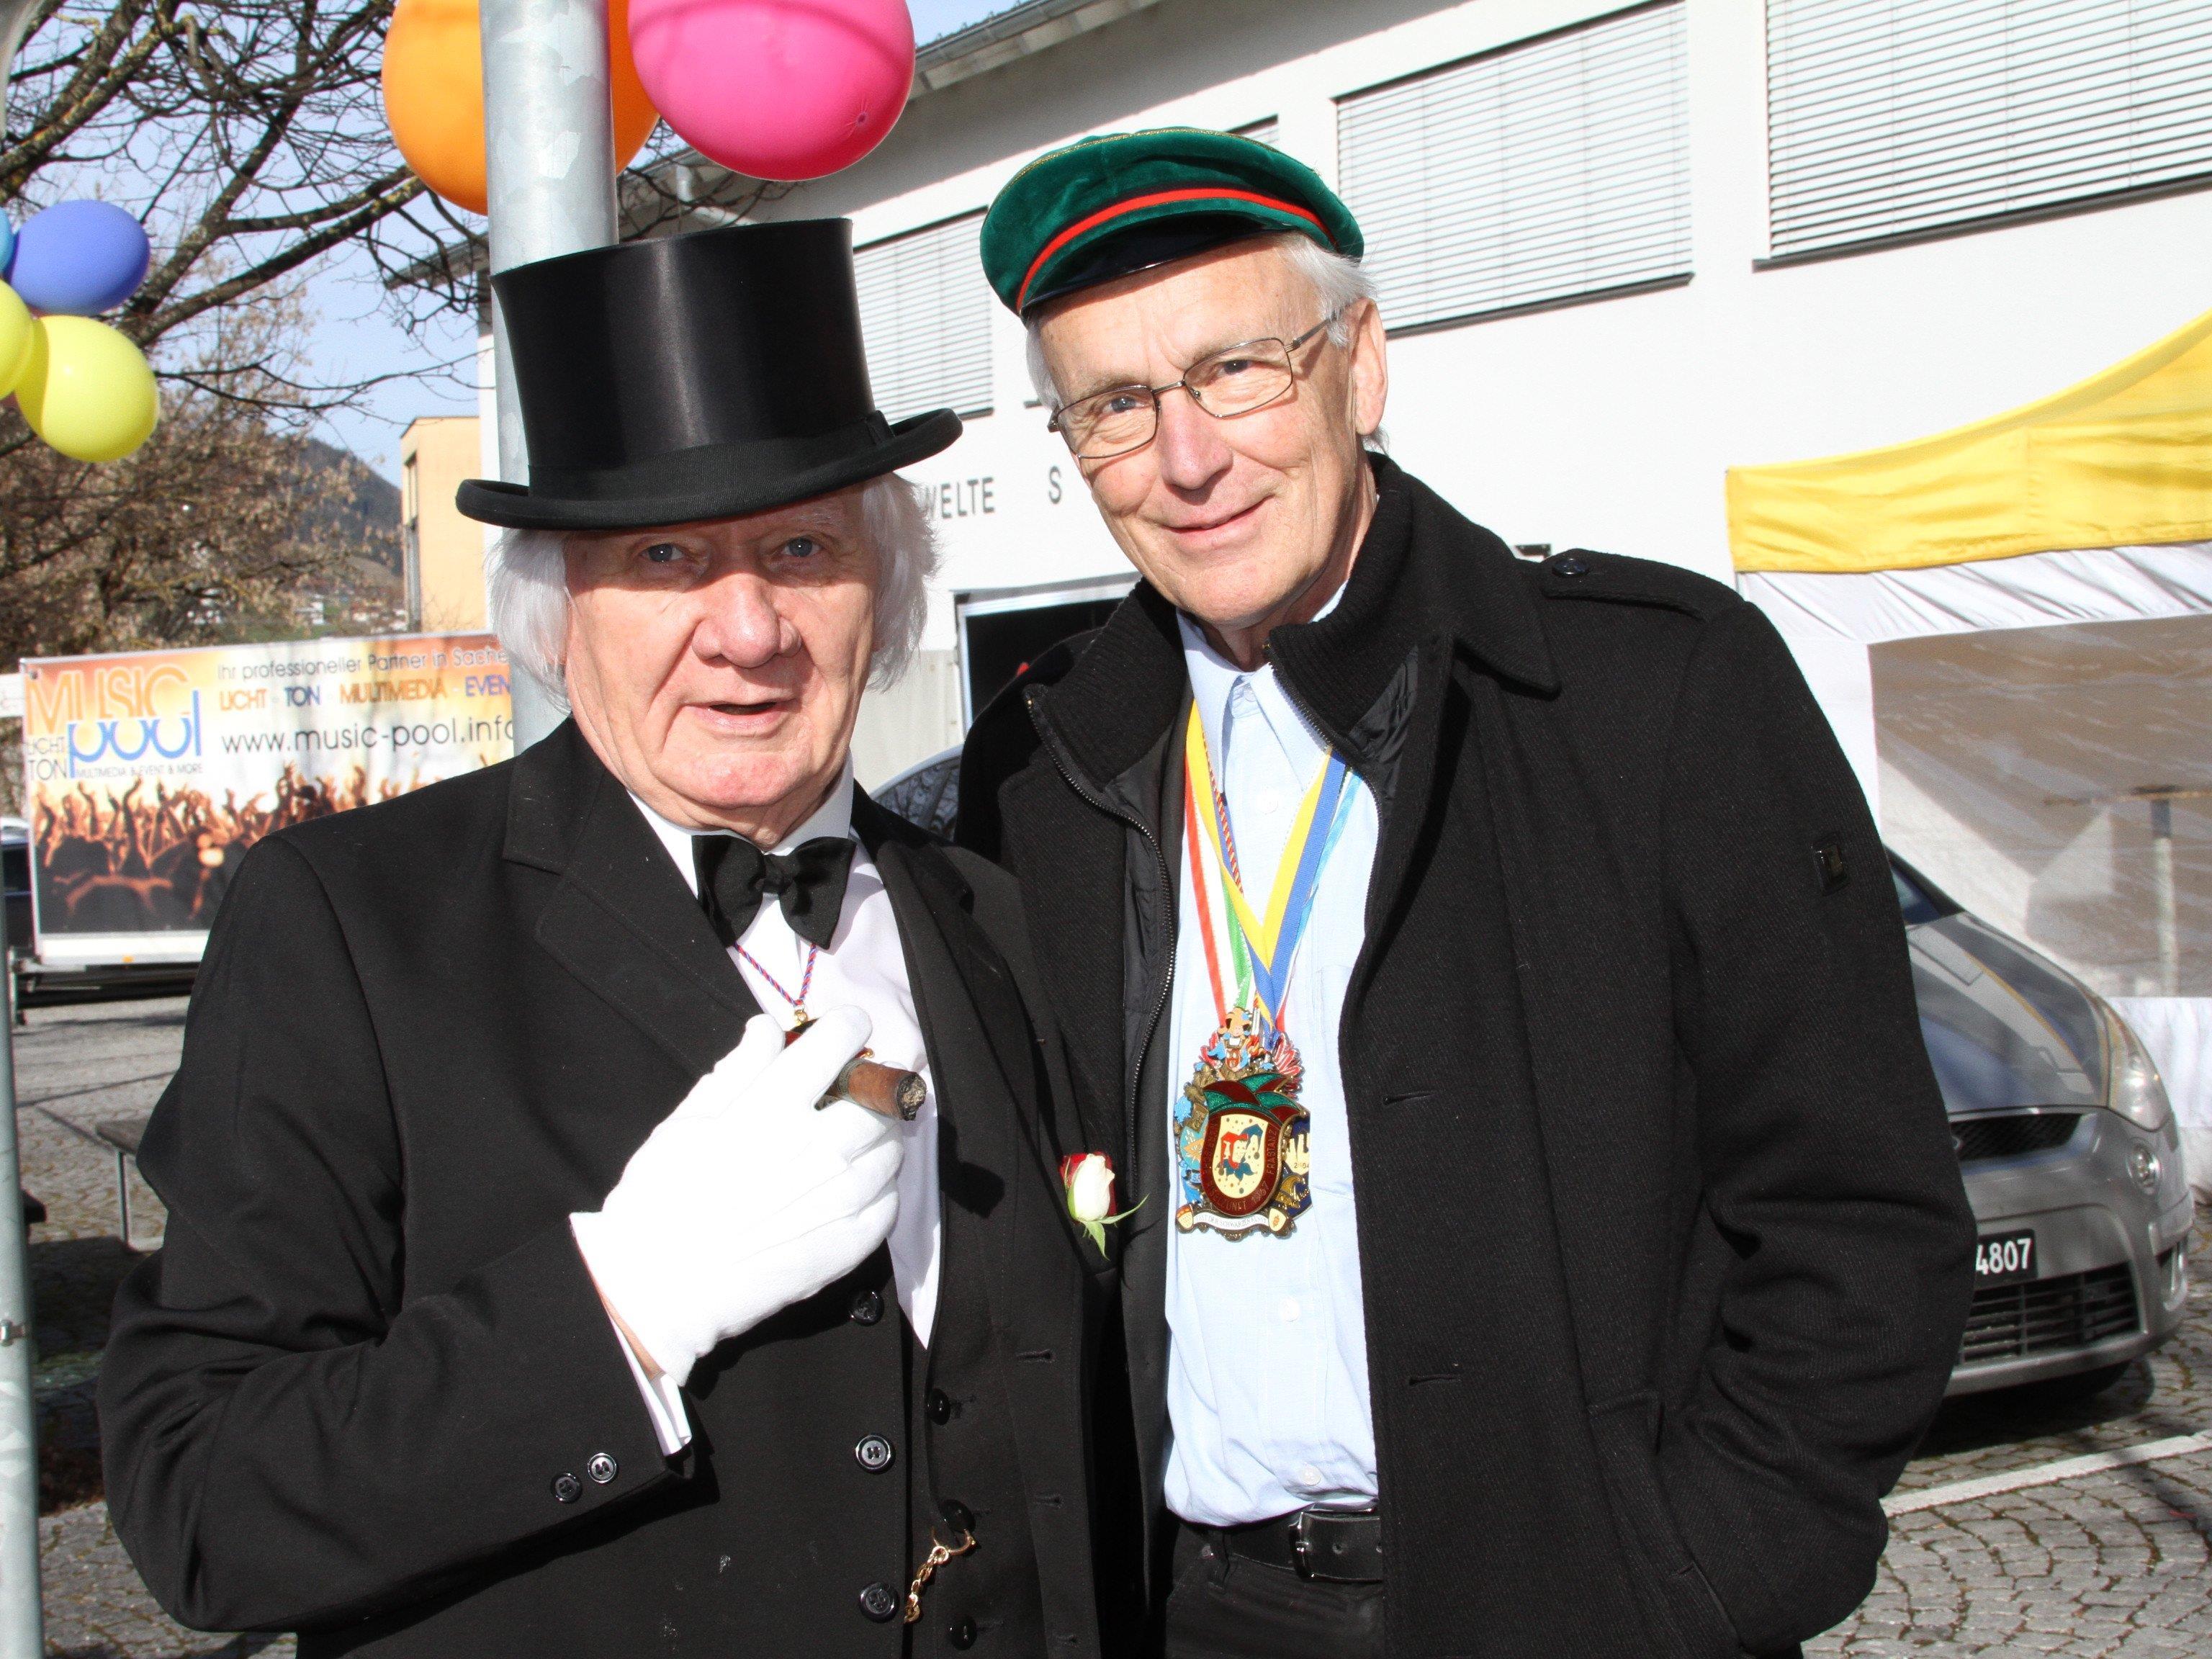 Ex-Bürgermeister Harald Ludescher mit dem ehem. Dorfpfarrer Herbert Spieler beim Frastanzer Kinderfaschingsumzug.